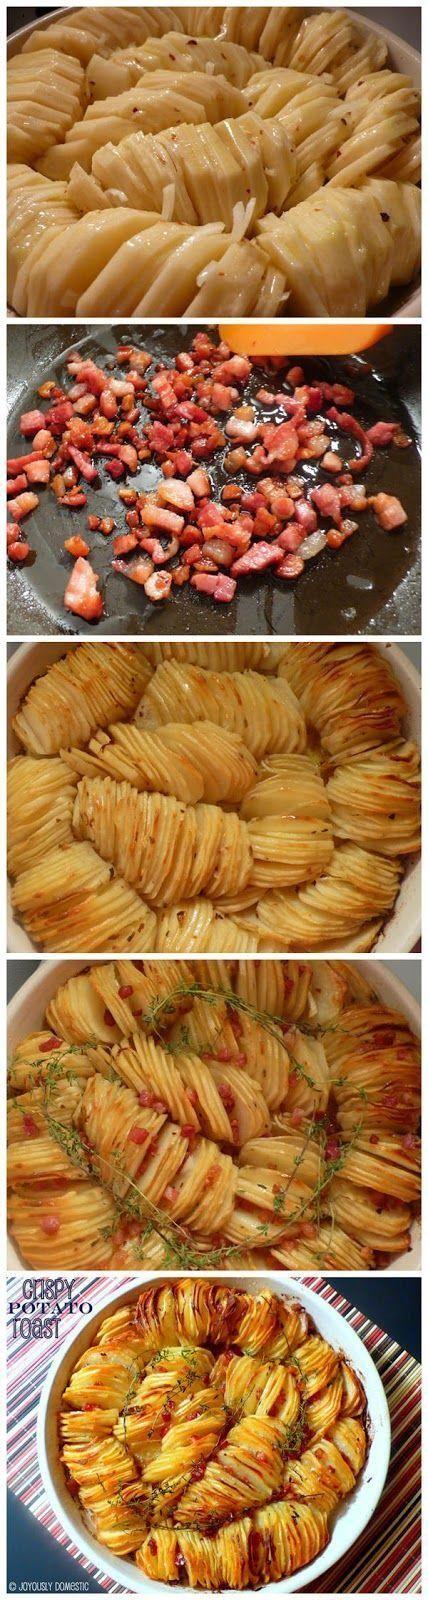 Crispy Potato Roast. | Yummy in my tummy | Pinterest